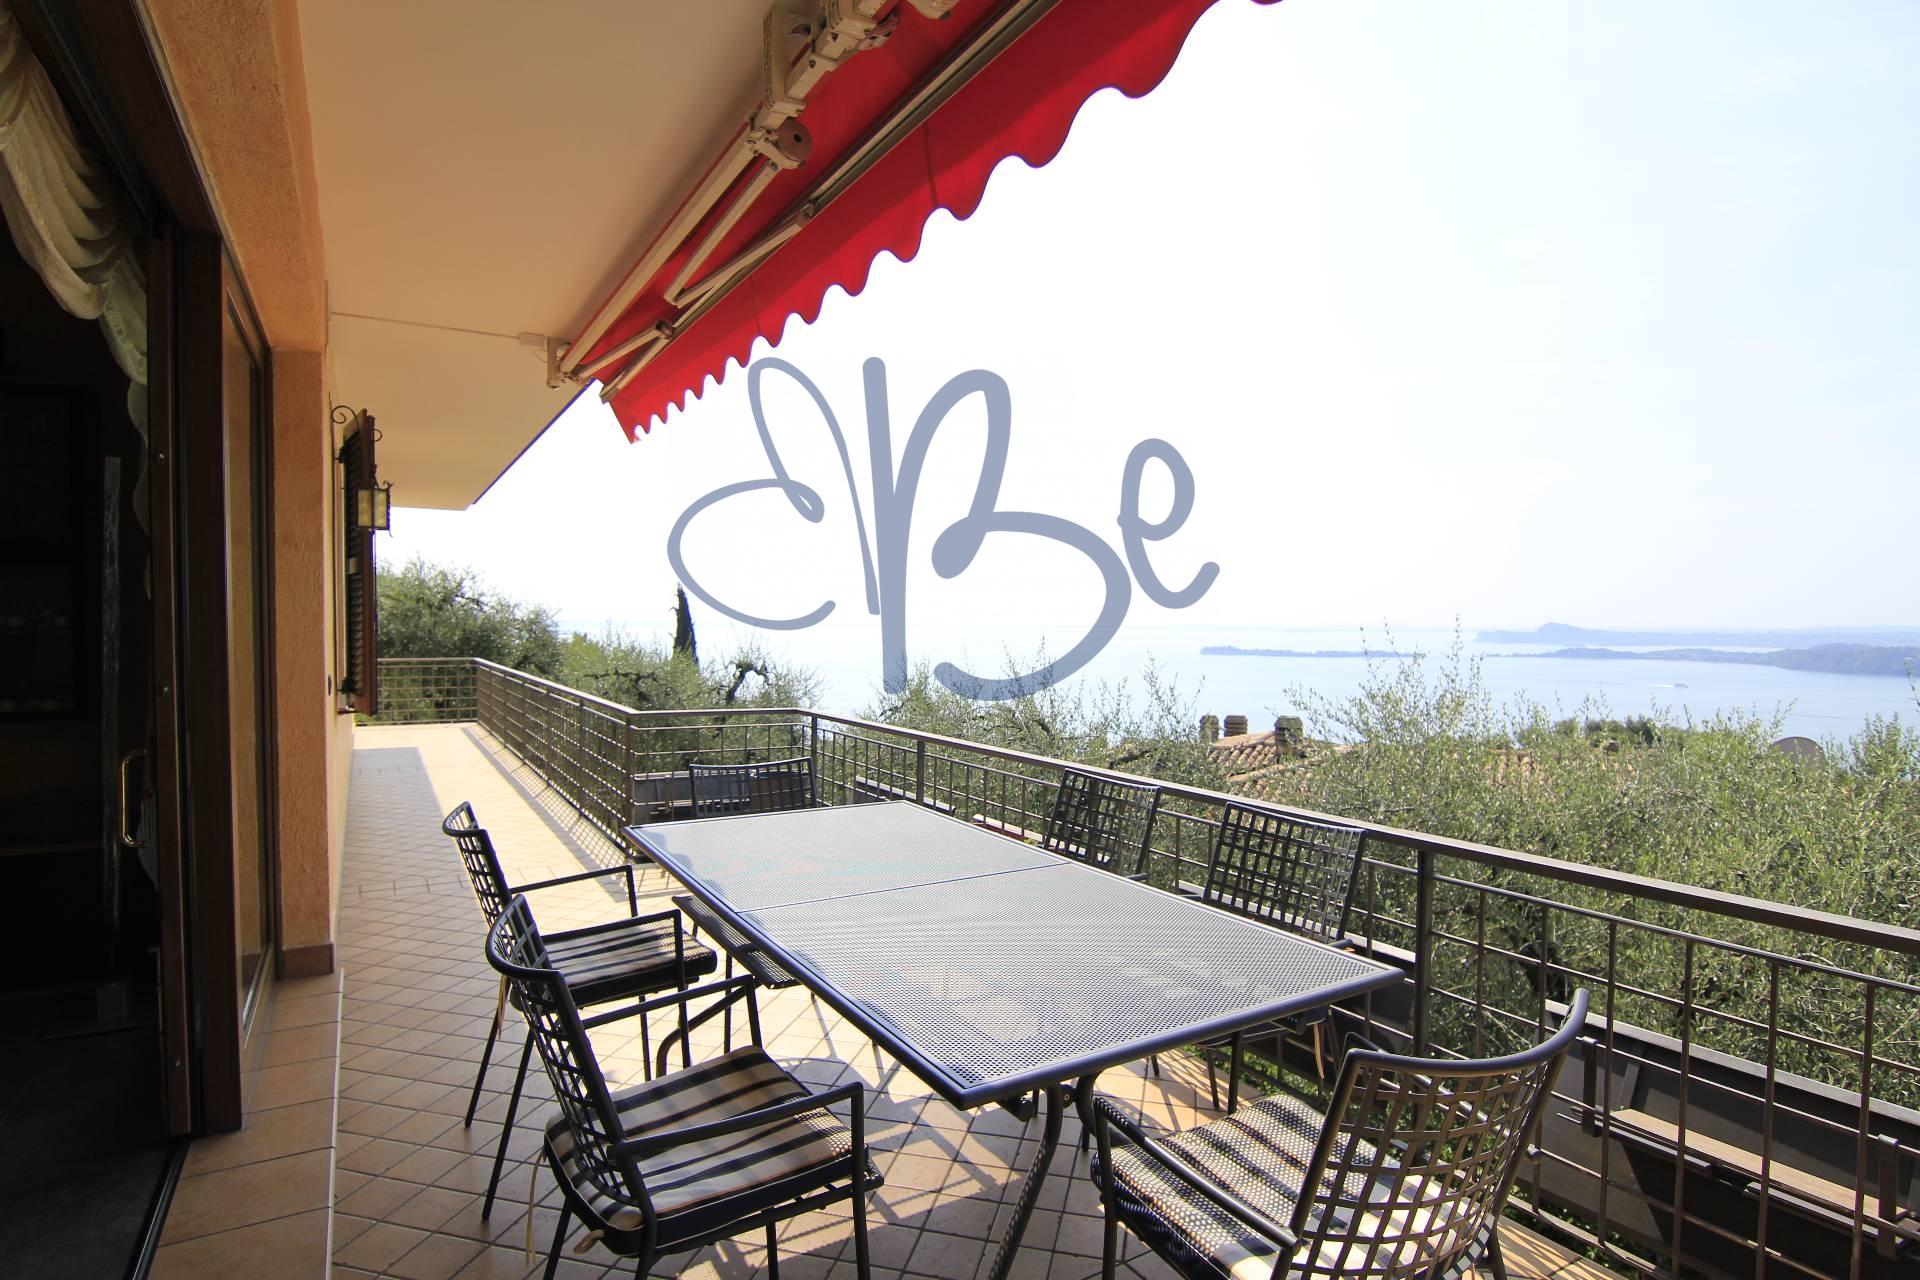 Villa in vendita a Gardone Riviera, 5 locali, zona Località: FasanoSopra, prezzo € 2.200.000 | CambioCasa.it